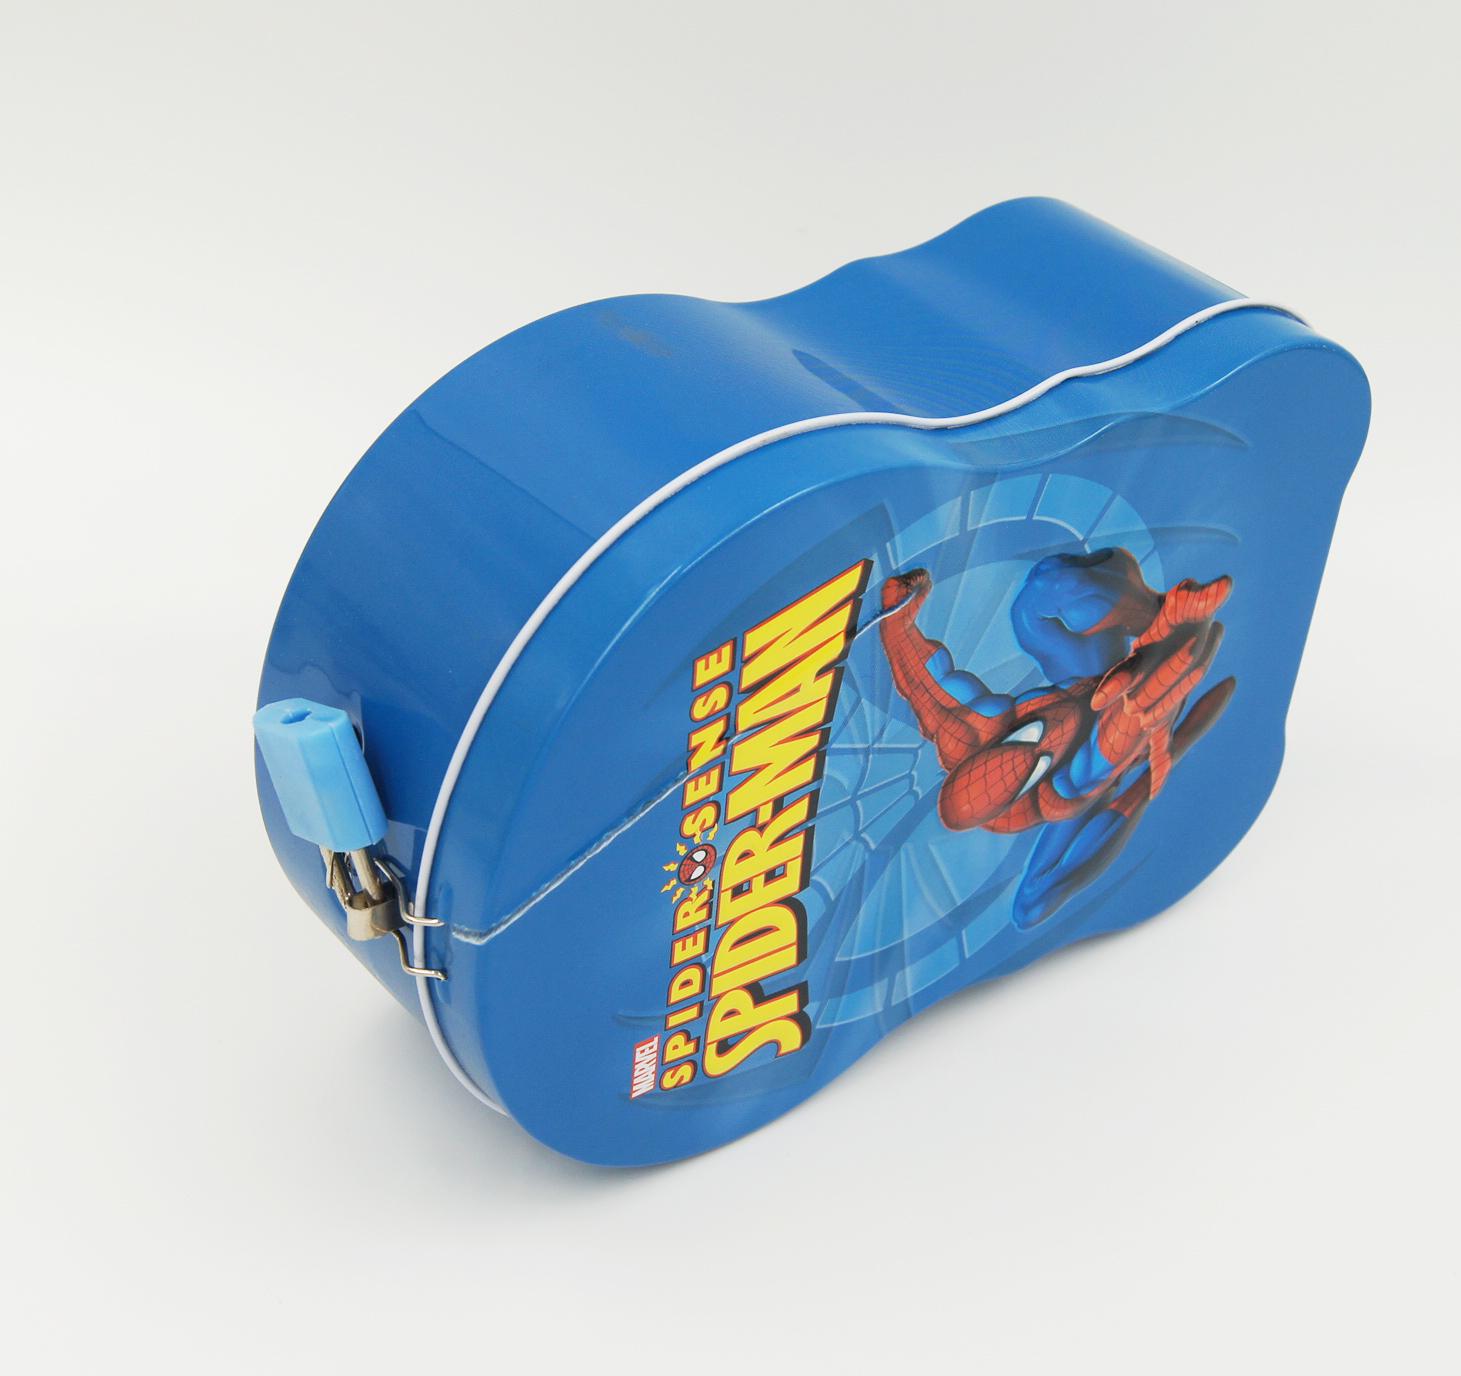 spider man handle box1 - Spider man lock box